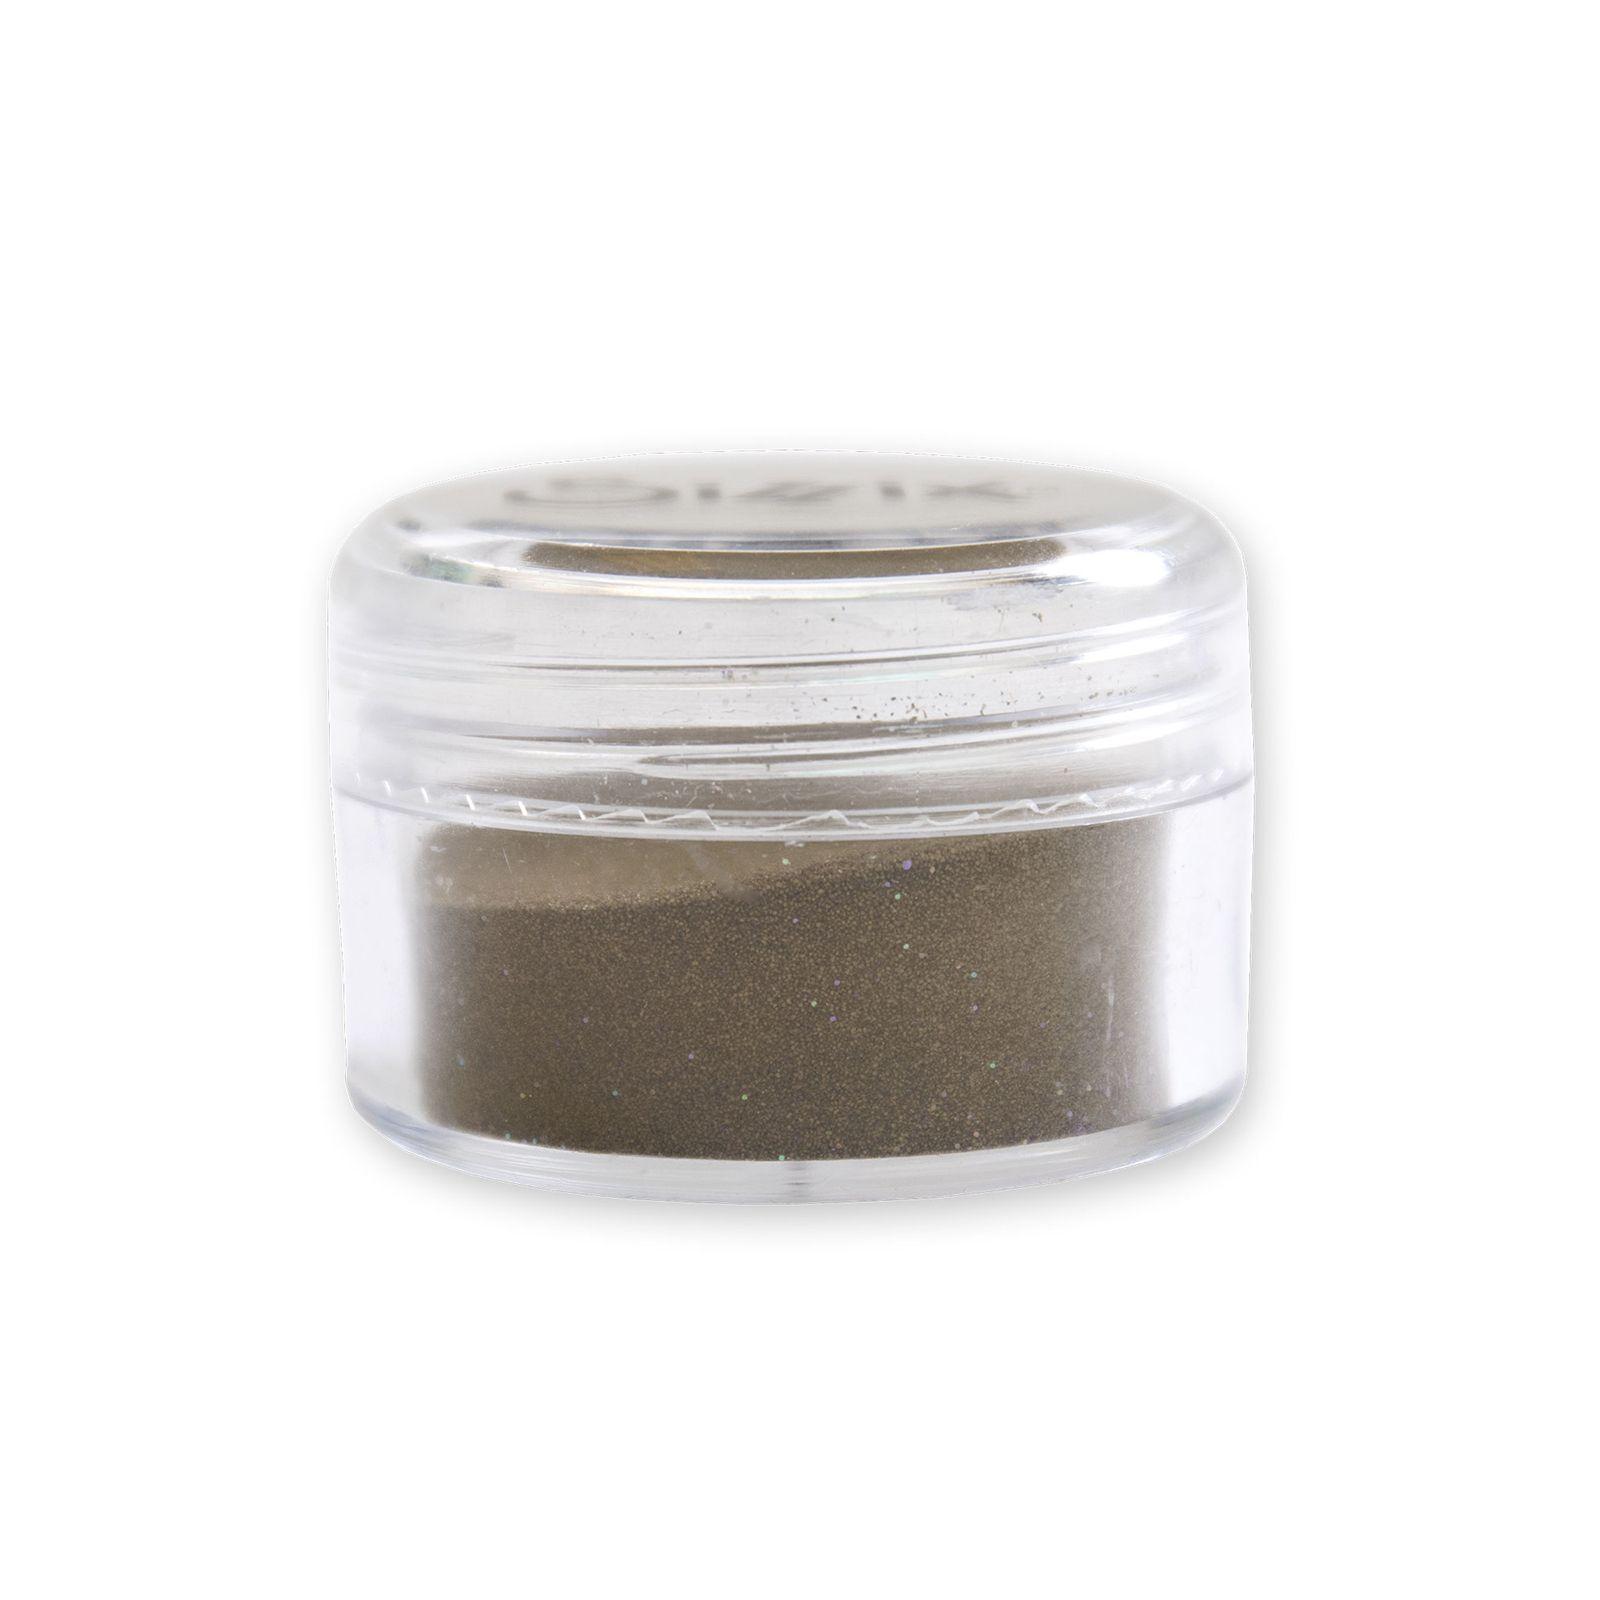 Poudre à embosser opaque 12 g - Coloris Or